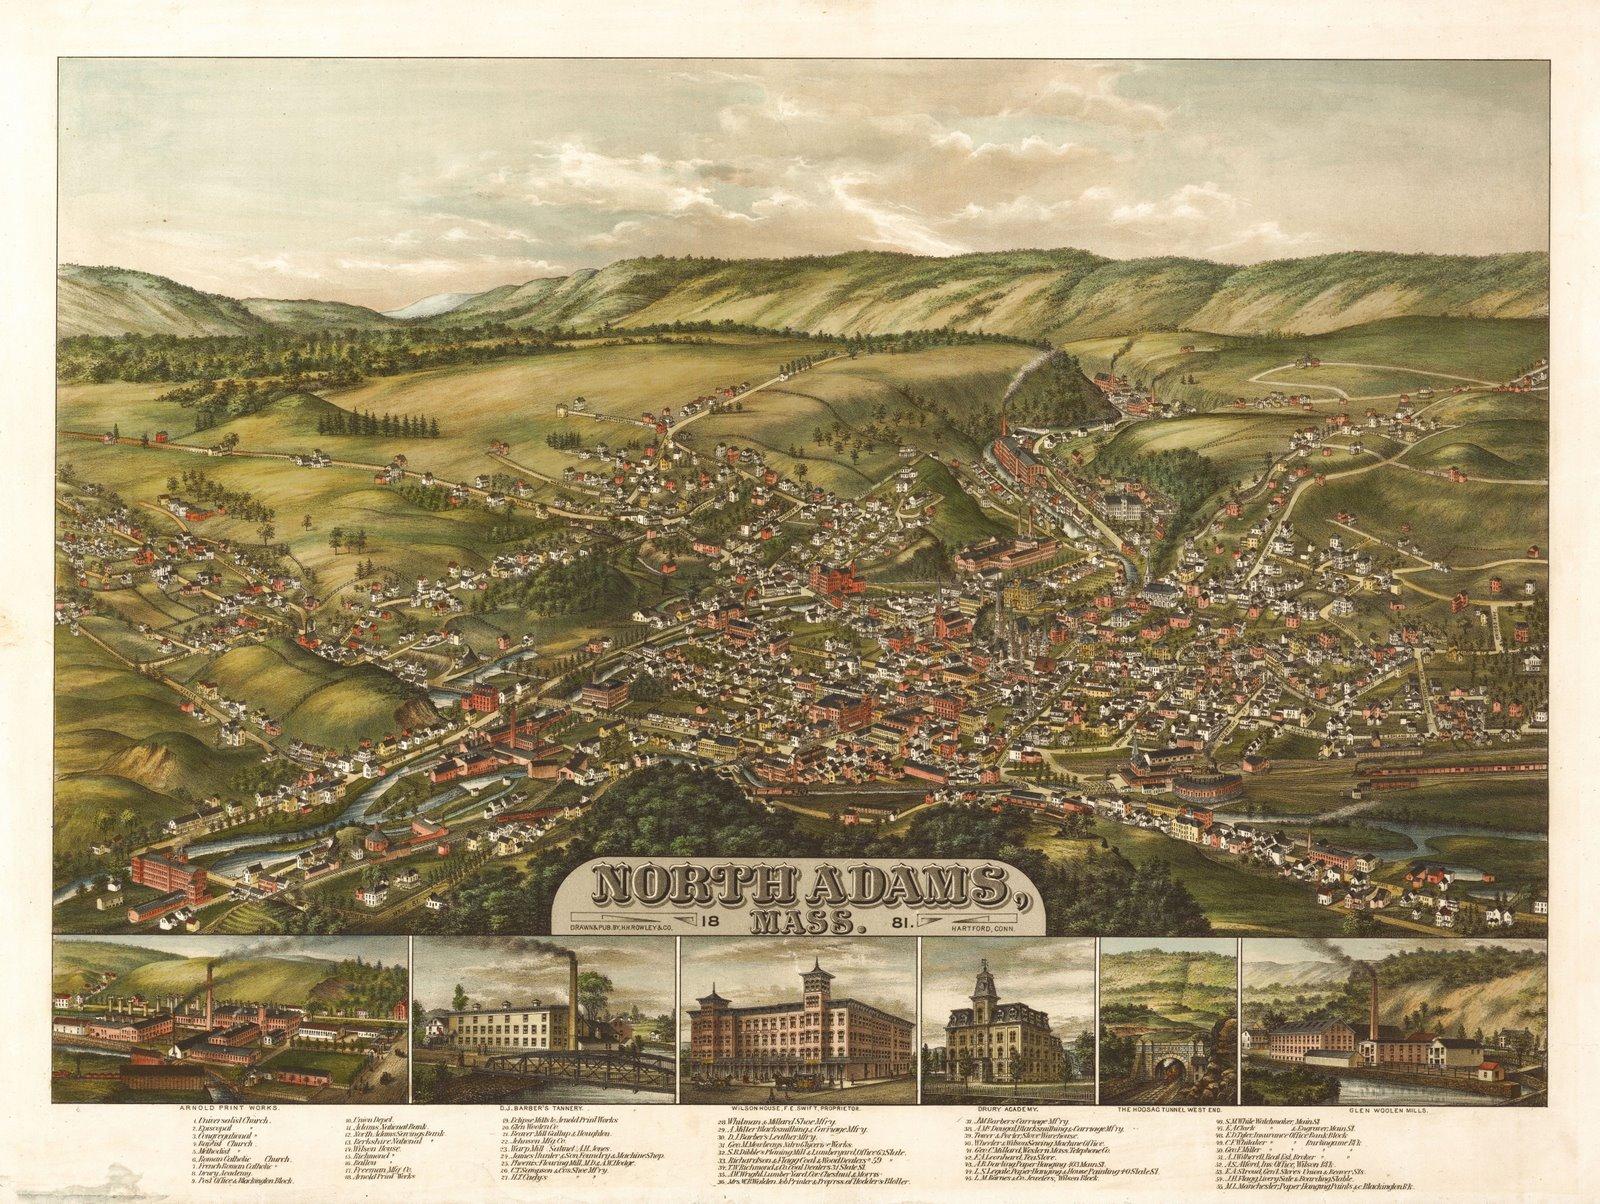 http://explorewmass.blogspot.com/2009/04/map-birds-eye-view-of-north-adams-1881.html